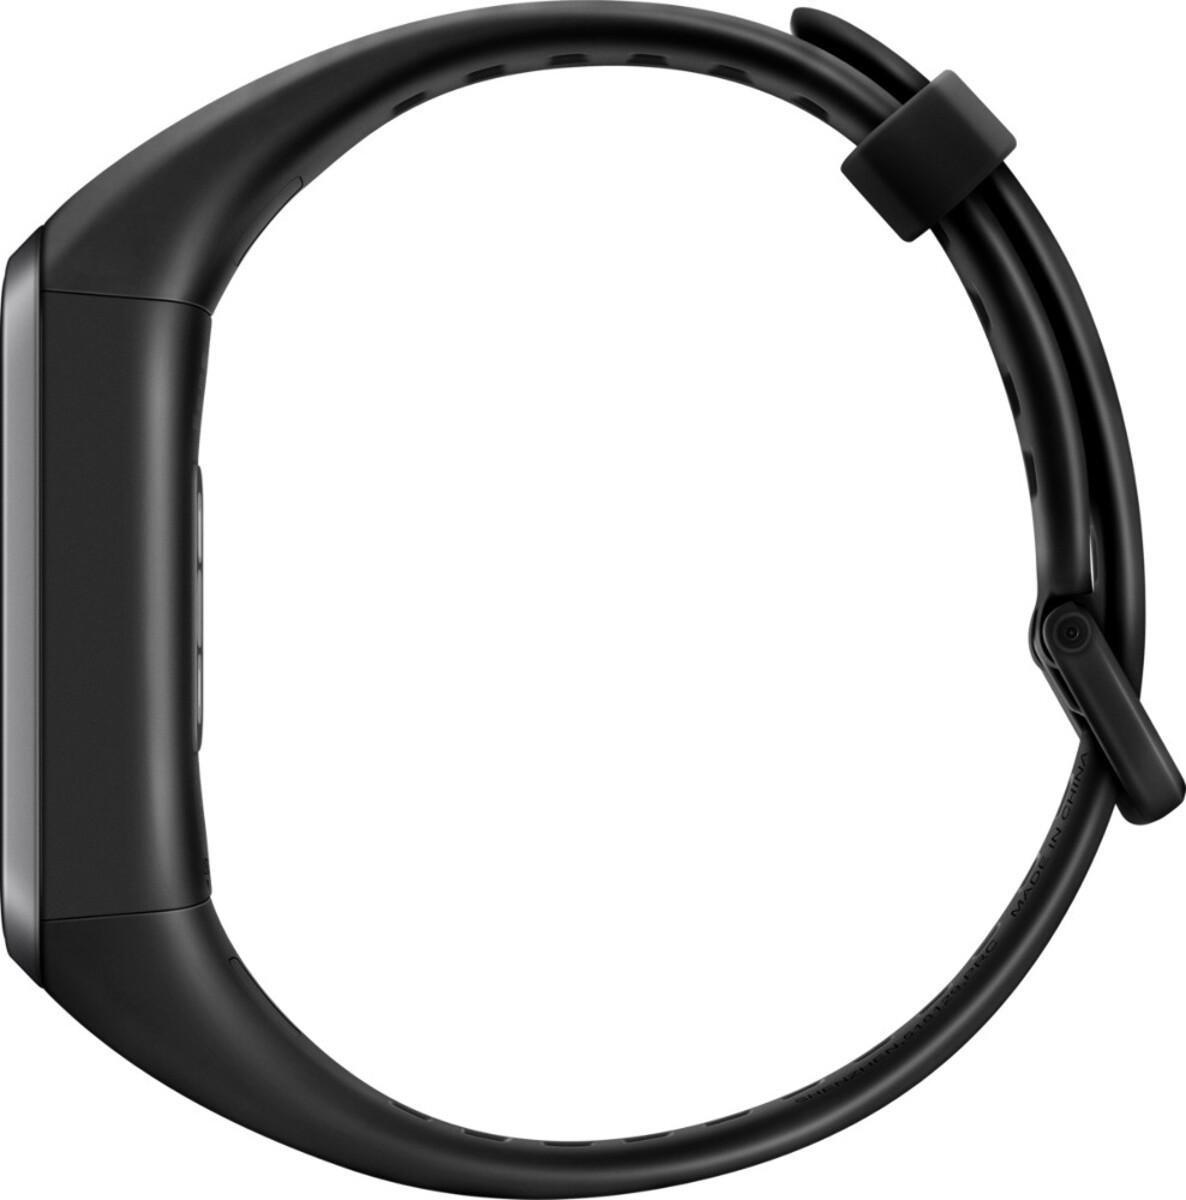 Bild 4 von Huawei Band 4 graphite schwarz Fitness Tracker (Bluetooth 4.2, Schlaf-Monitoring, Herzfrequenzmessung)